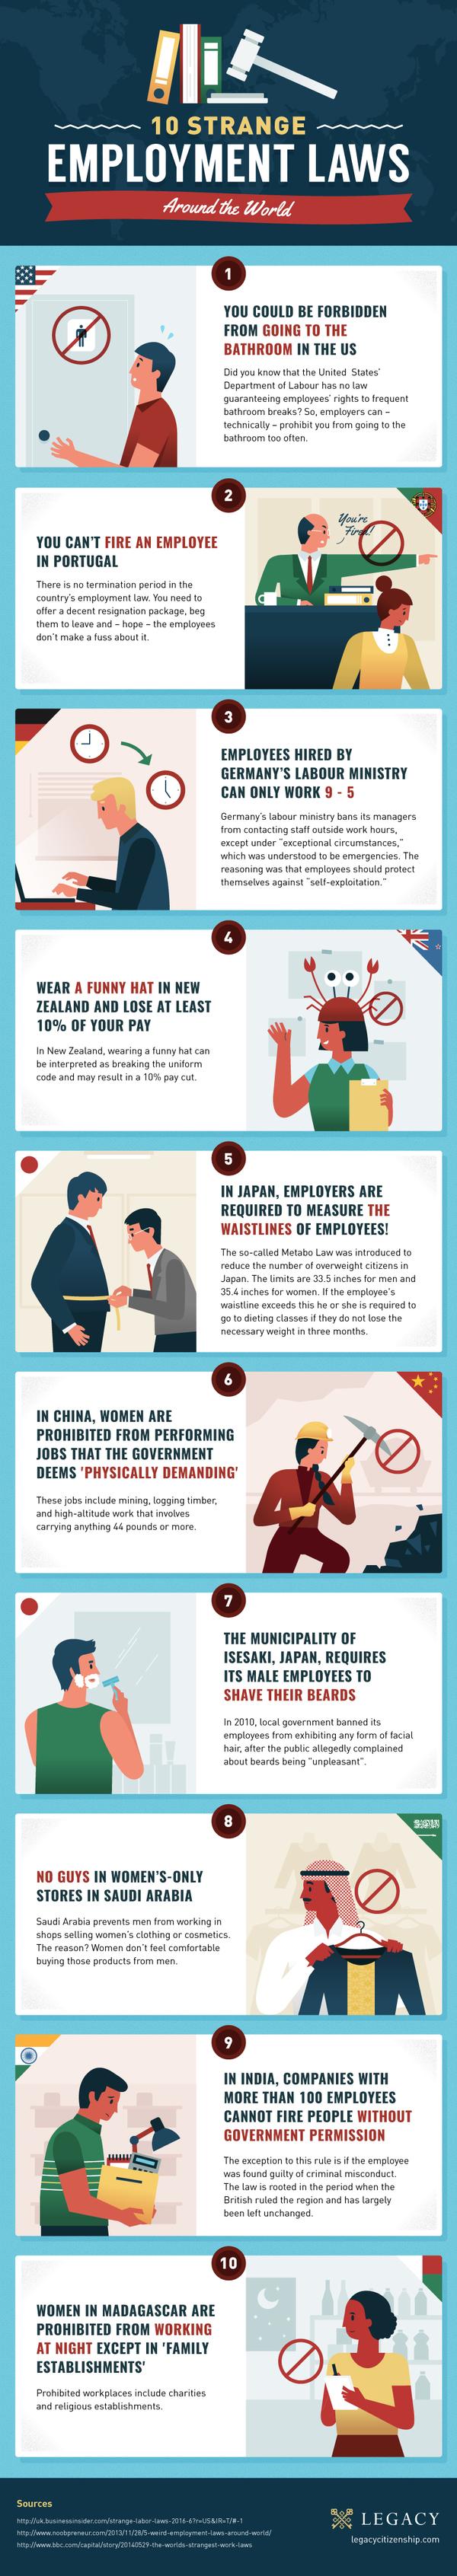 Strange Employment Laws Around The World